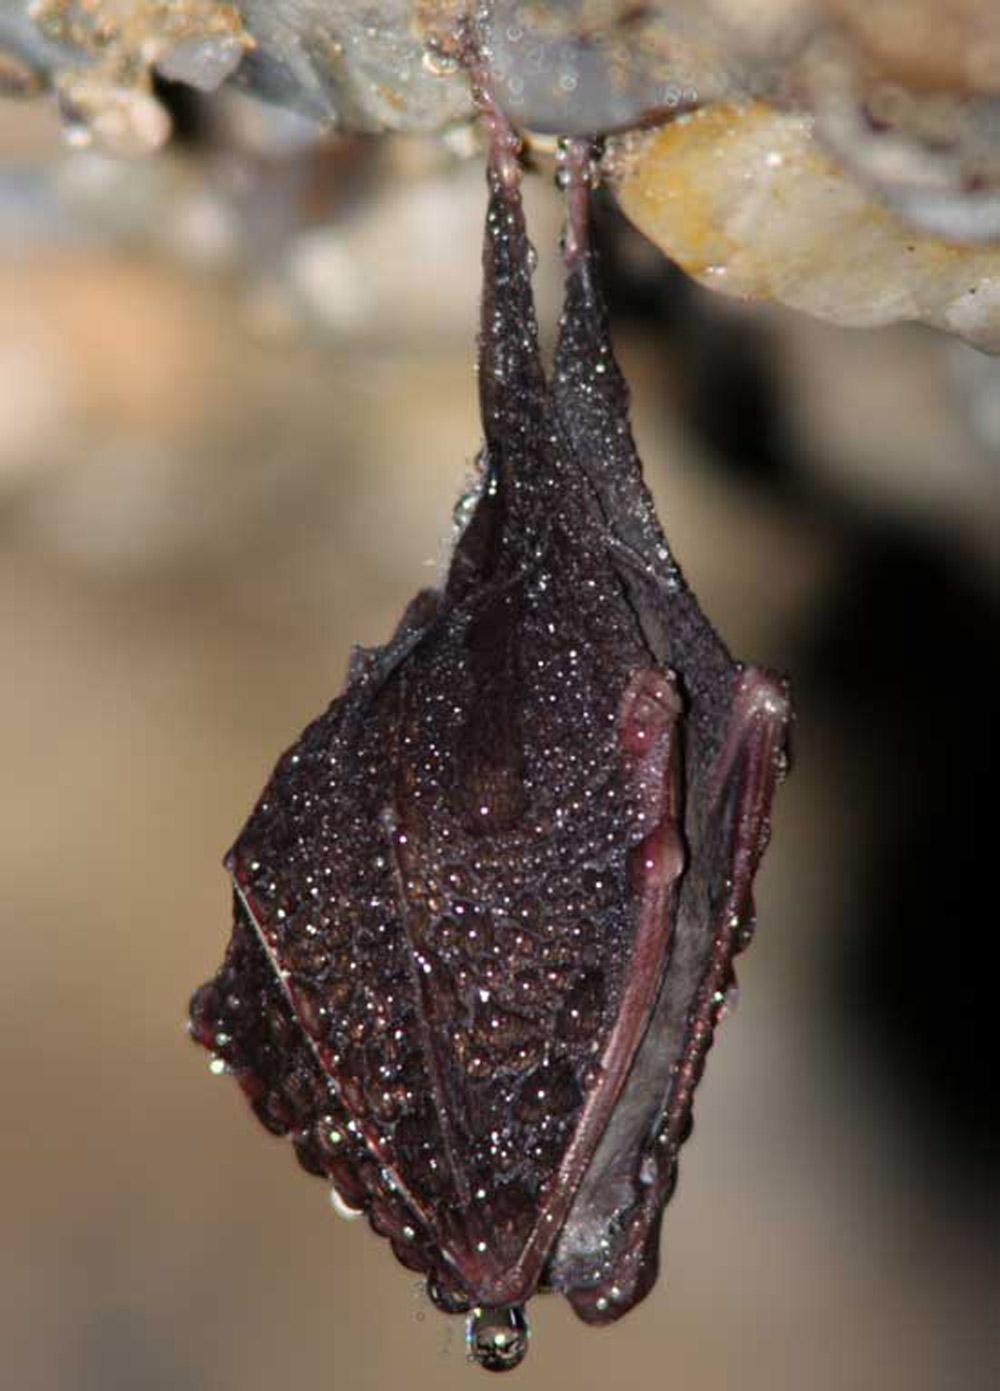 Eine Kleine Hufeisennase hängt kopfüber von einer Gesteinsdecke, eingehüllt in ihre Flügel.